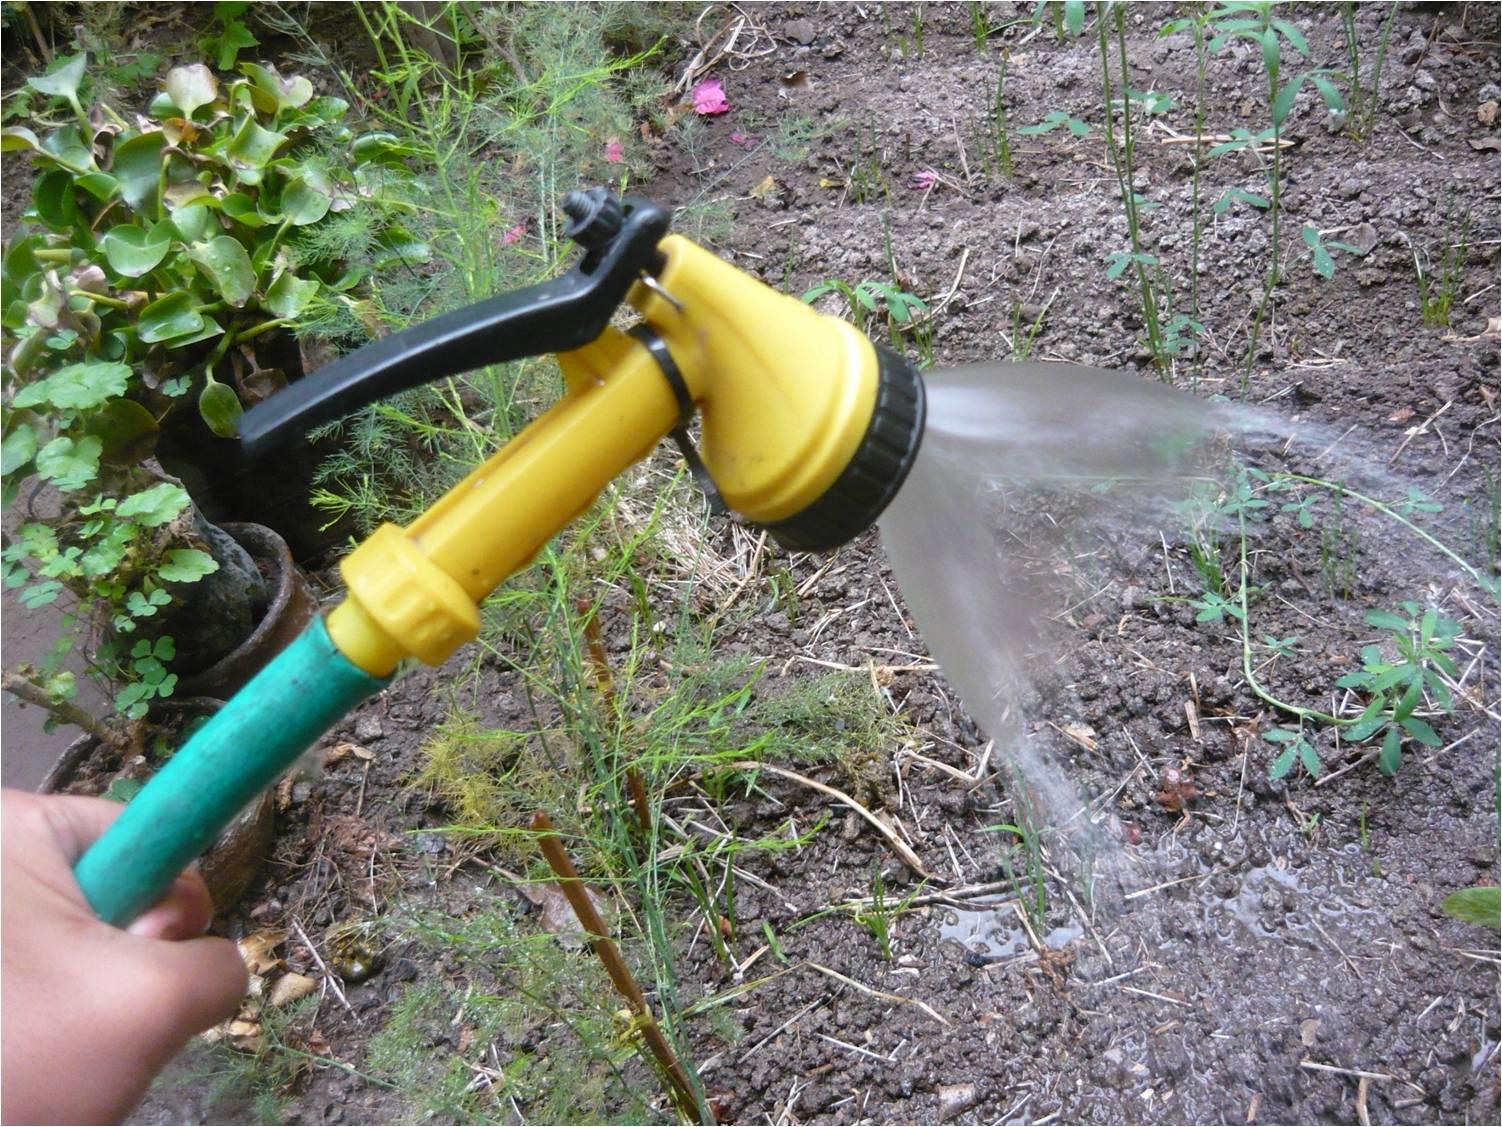 Alternativa ecol gica con qu riego las plantas en el for Manguera de jardin 1 2